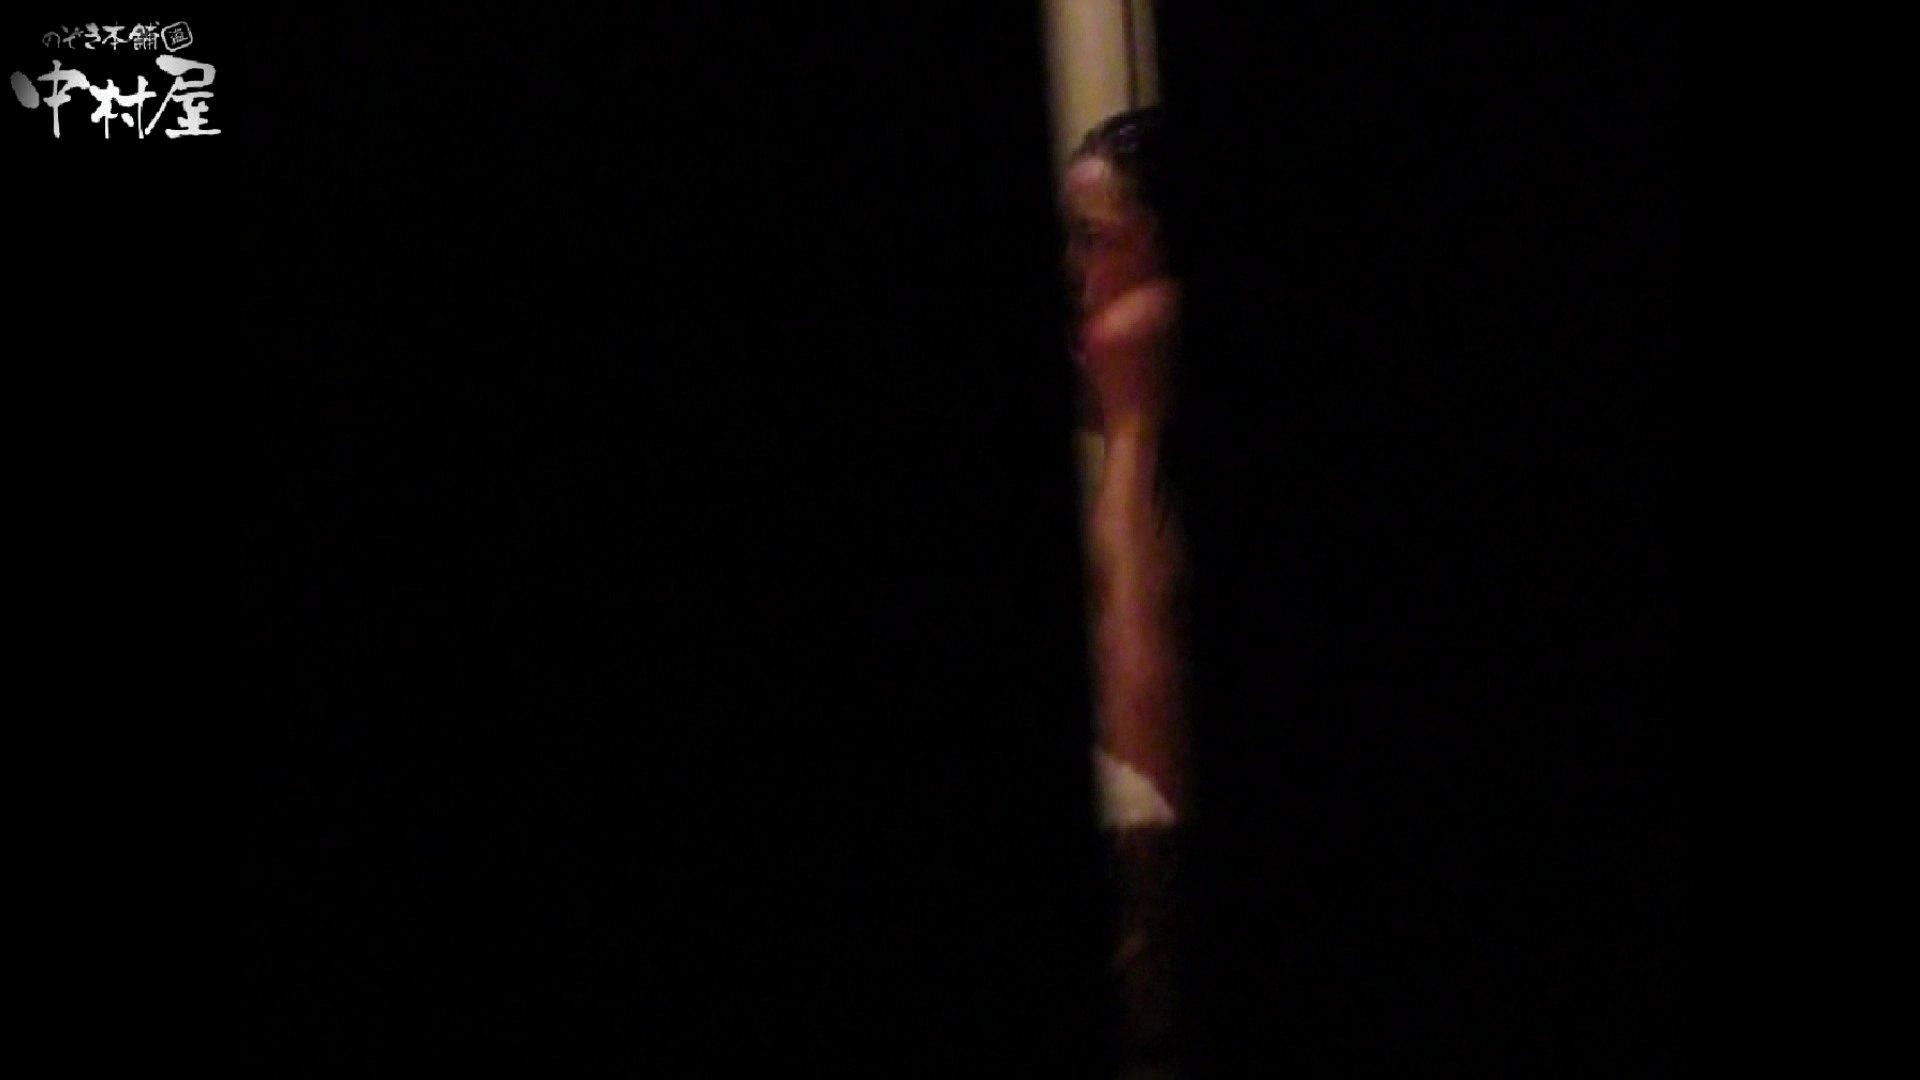 民家風呂専門盗撮師の超危険映像 vol.004 盗撮シリーズ AV無料動画キャプチャ 89PIX 2